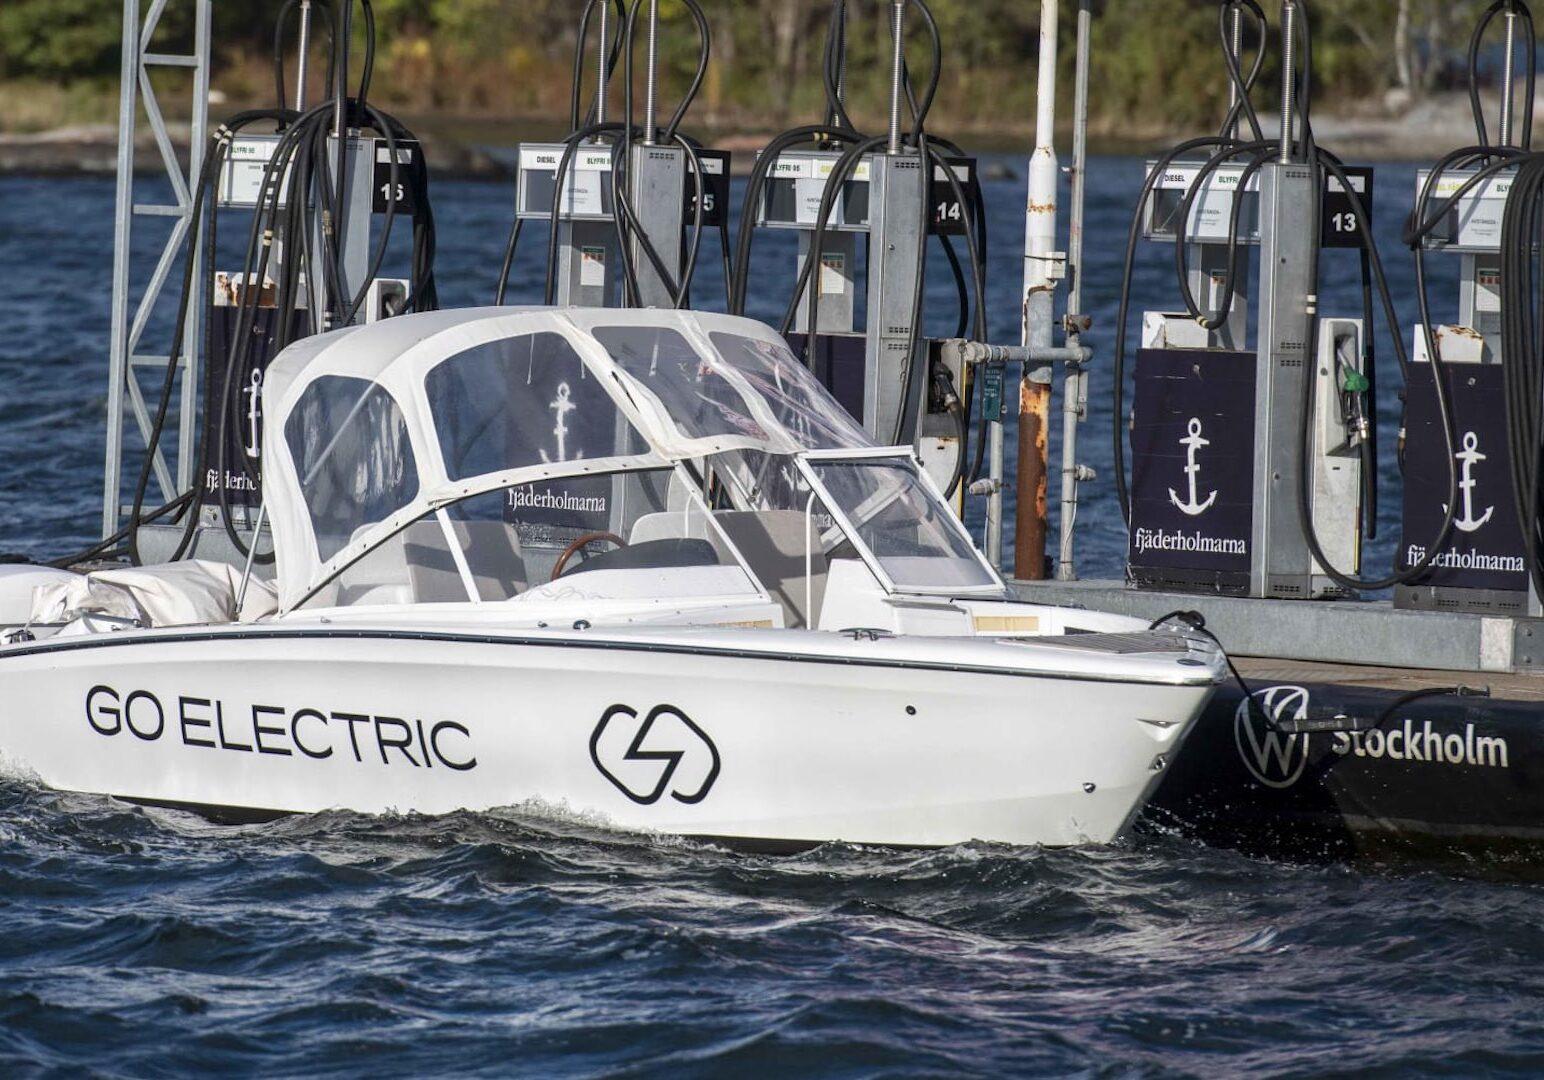 Candela Seven electric boat charging network